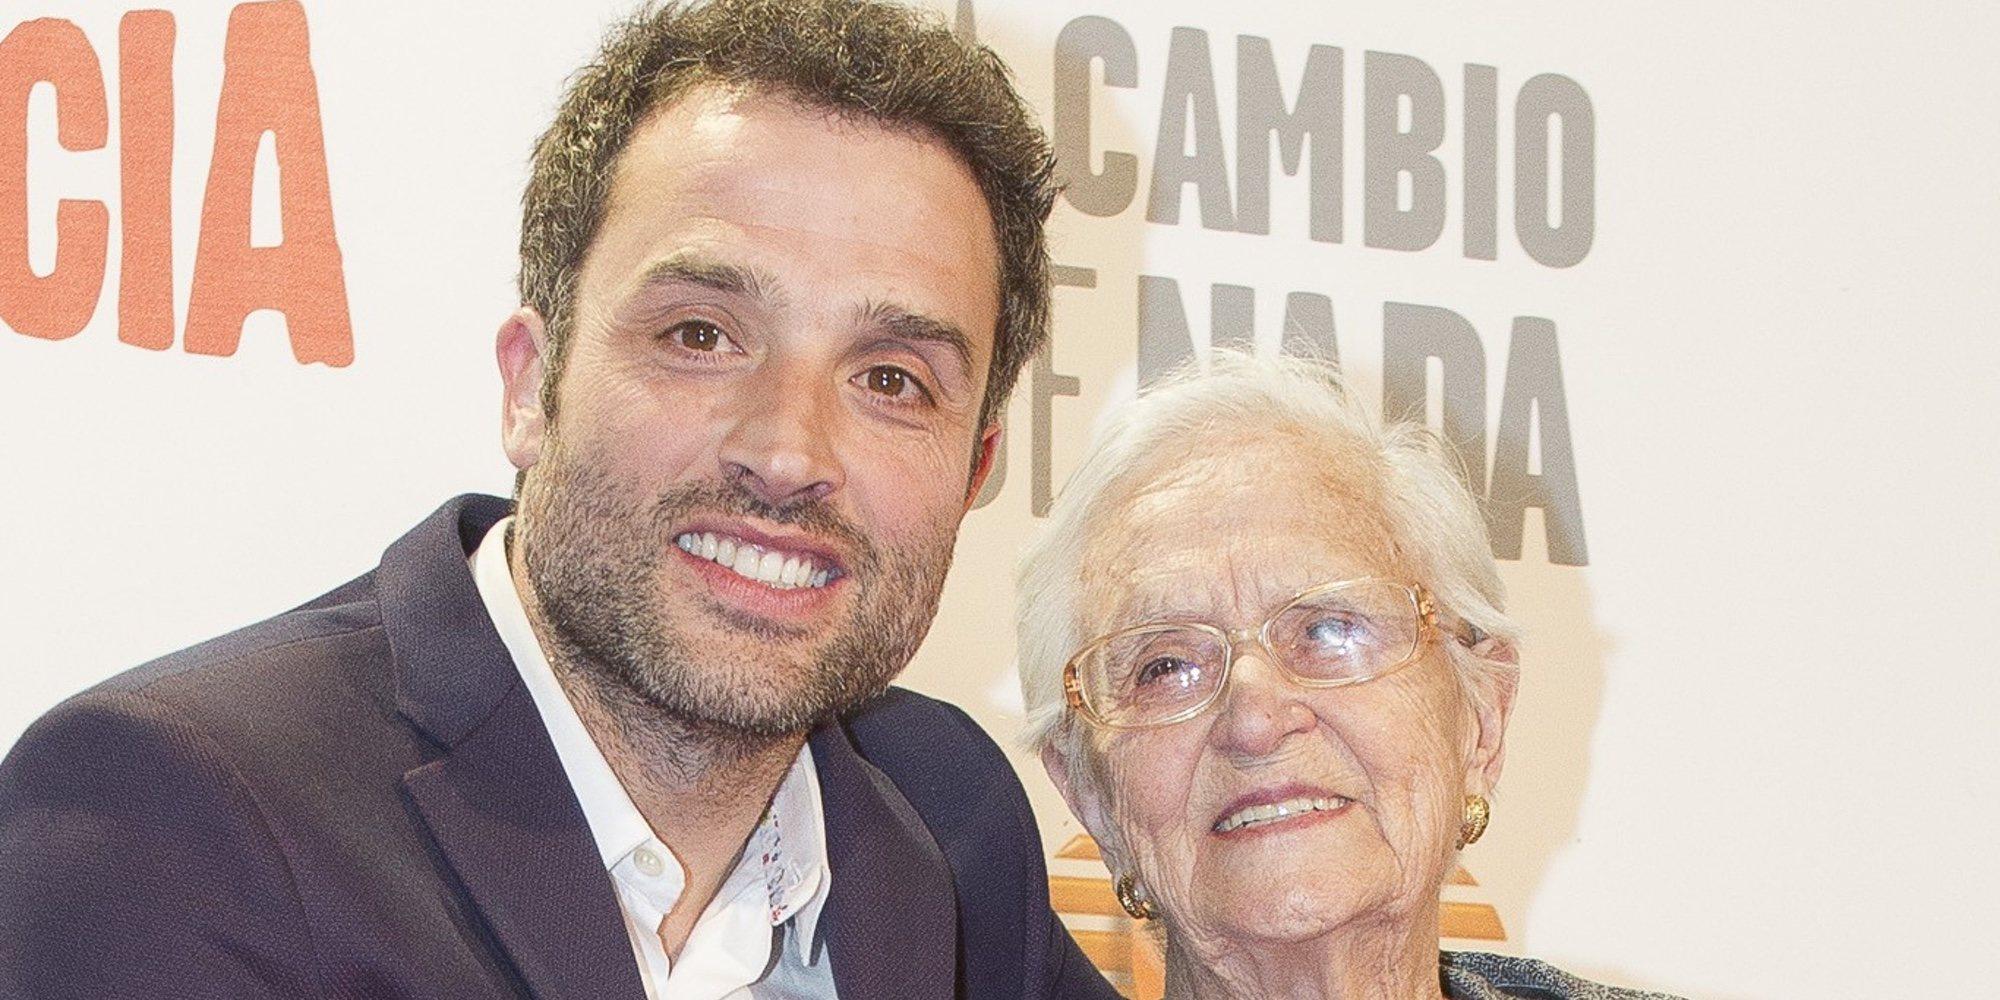 Muere Antonia Guzmán, abuela de Daniel Guzmán y protagonista de 'A cambio de nada'